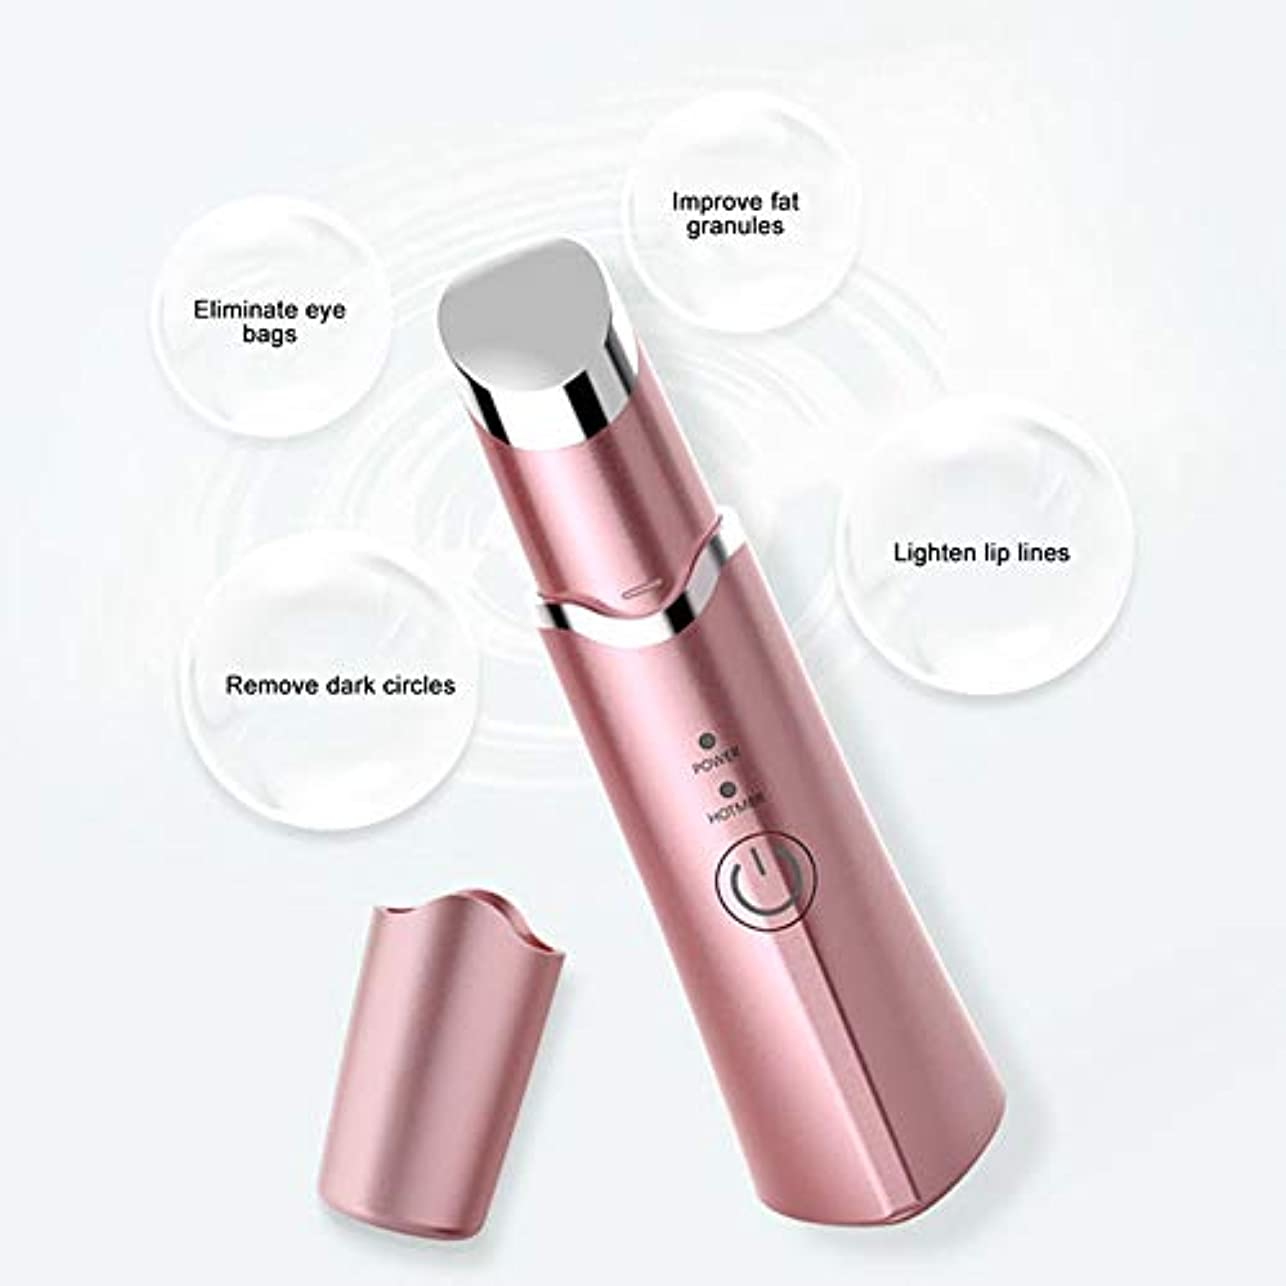 減少工場グリーンバック電動アイマッサージャー、電気加熱式ソニックバイブレーションマジック、ダークサークル用、パフネス用アイバッグ、フェイスマッサージ用アイケア,Pink